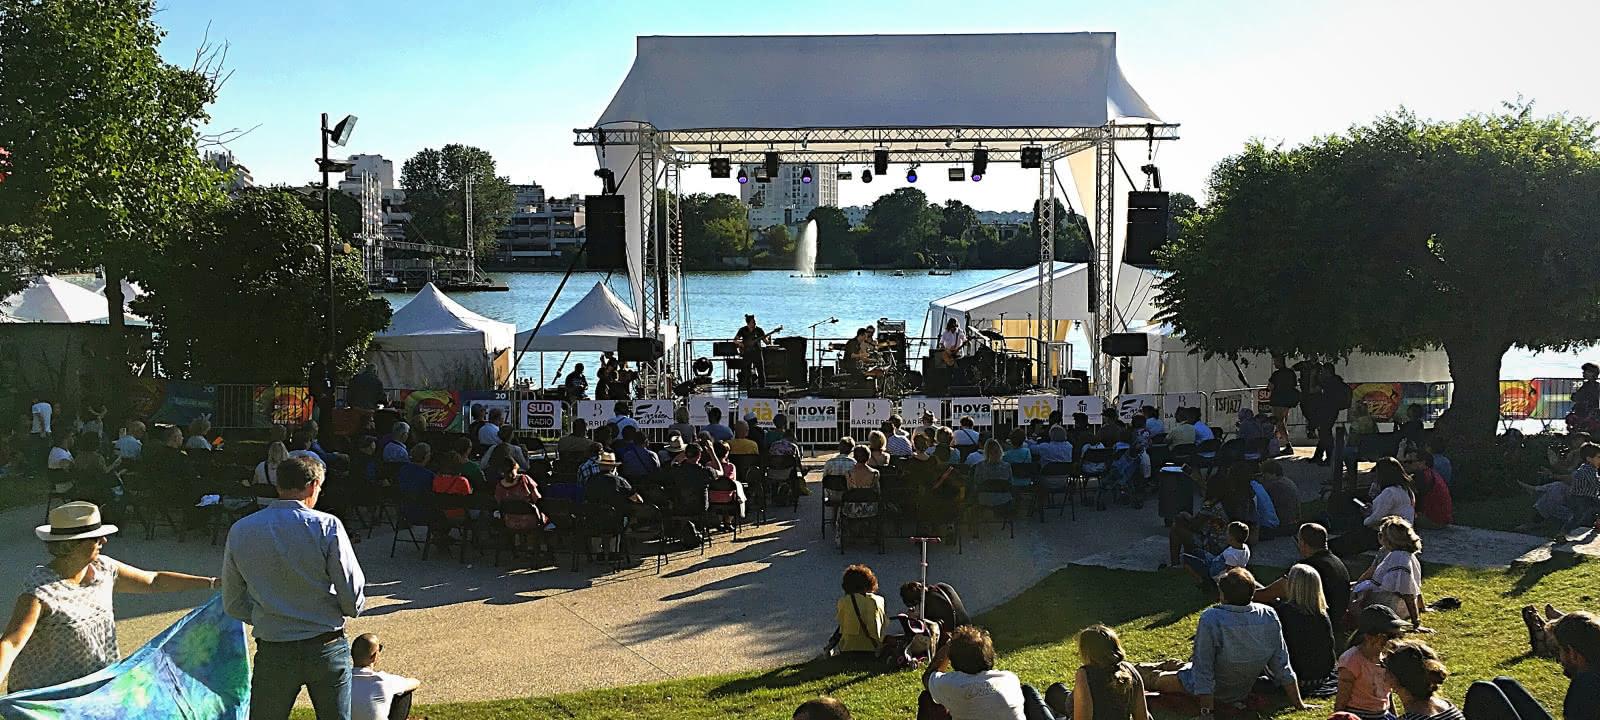 Photo concert en plein air au Barrière Enghien Jazz Festival à Enghien les Bains